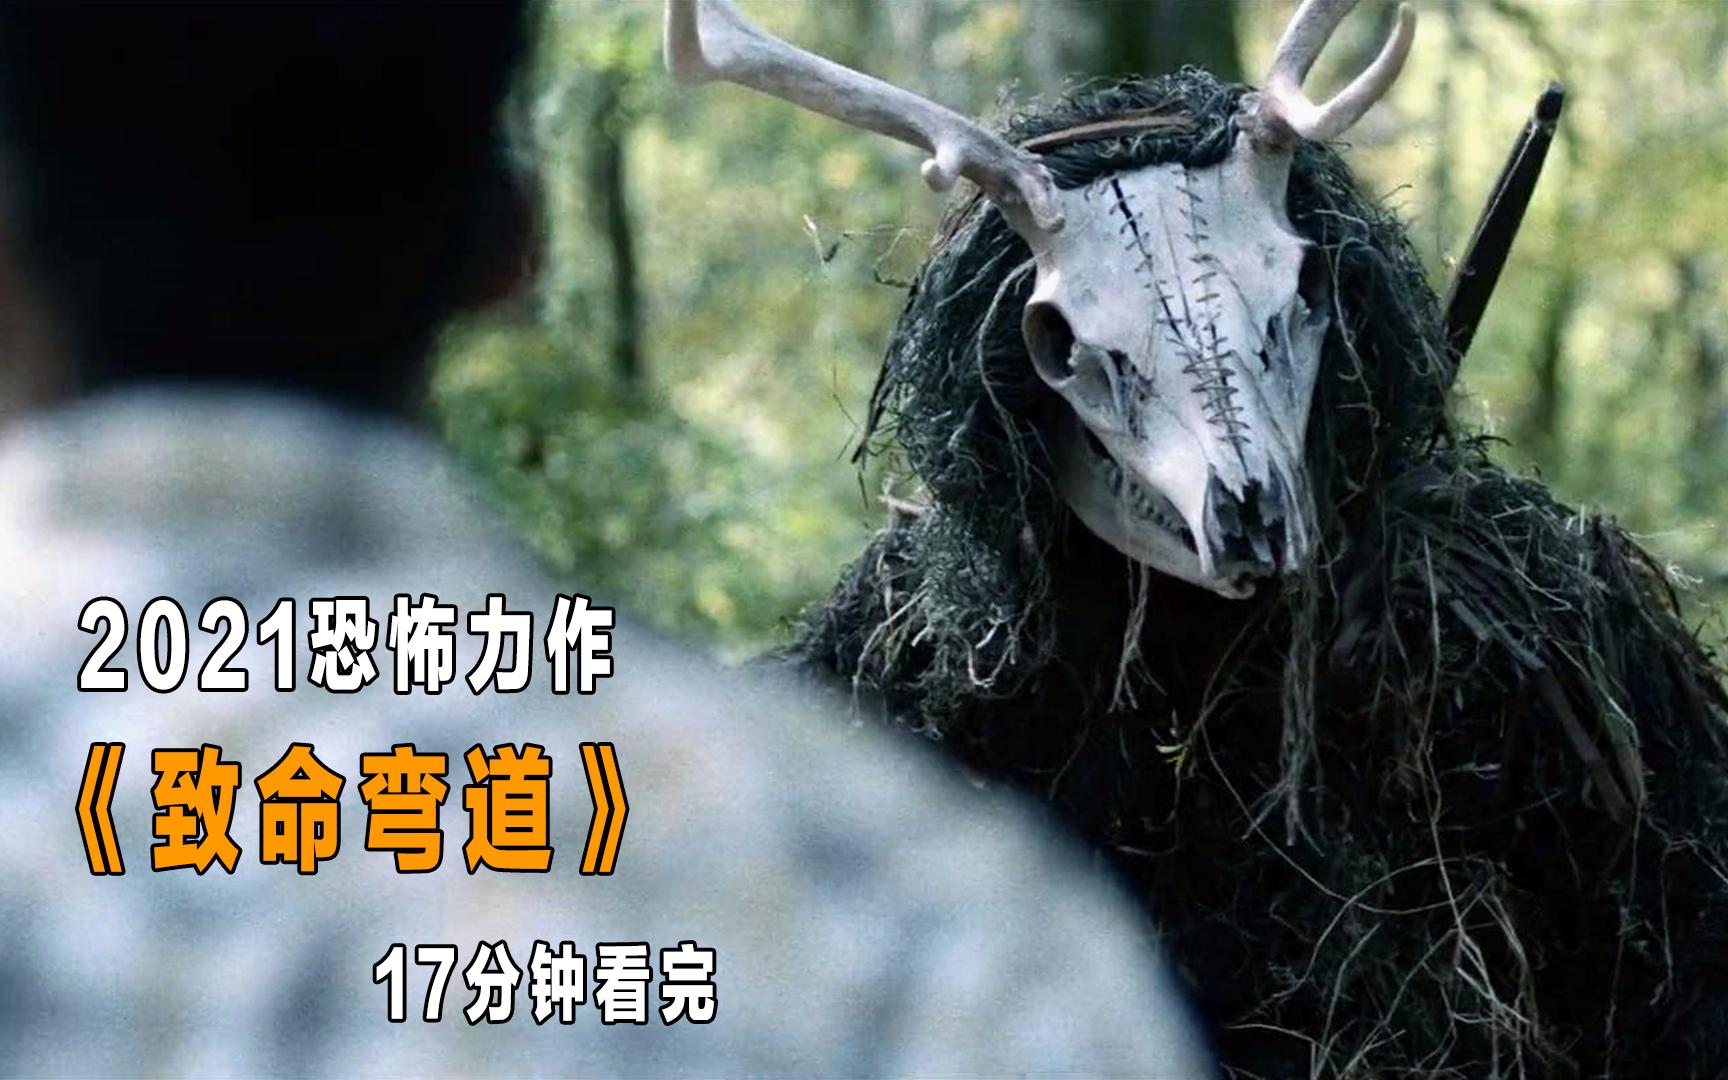 17分钟看完2021恐怖新作《致命弯道》,驴友遭野人围猎